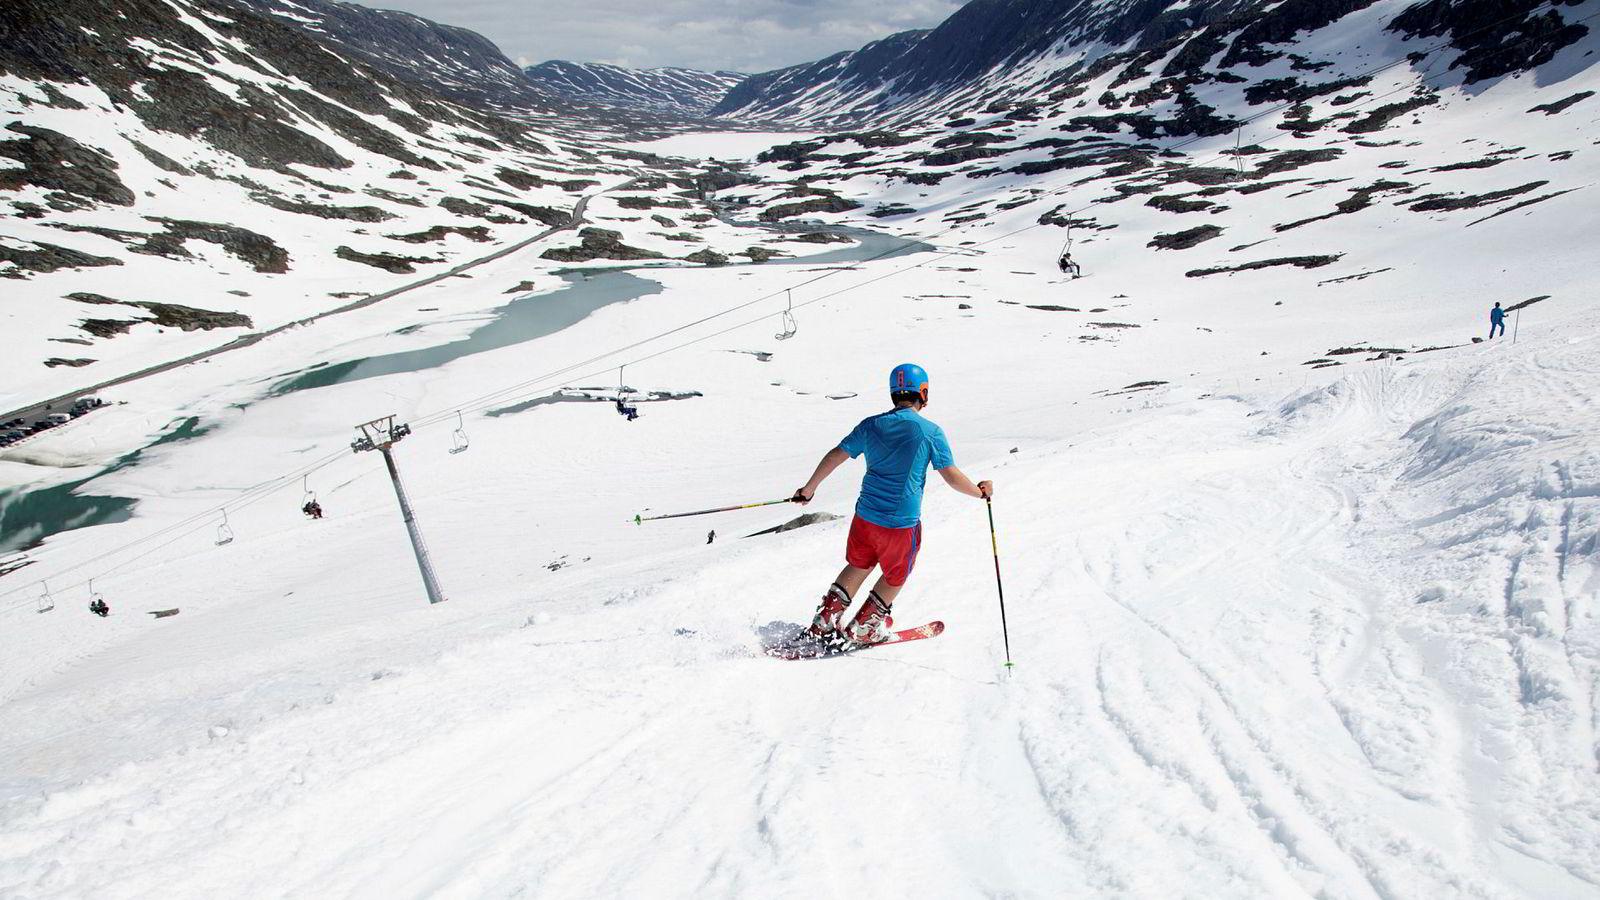 Det gikk fortsatt an å stå på ski på Strynefjellet i juni. Men varmere somre gjør sommerskisenteret  mindre lønnsomt.